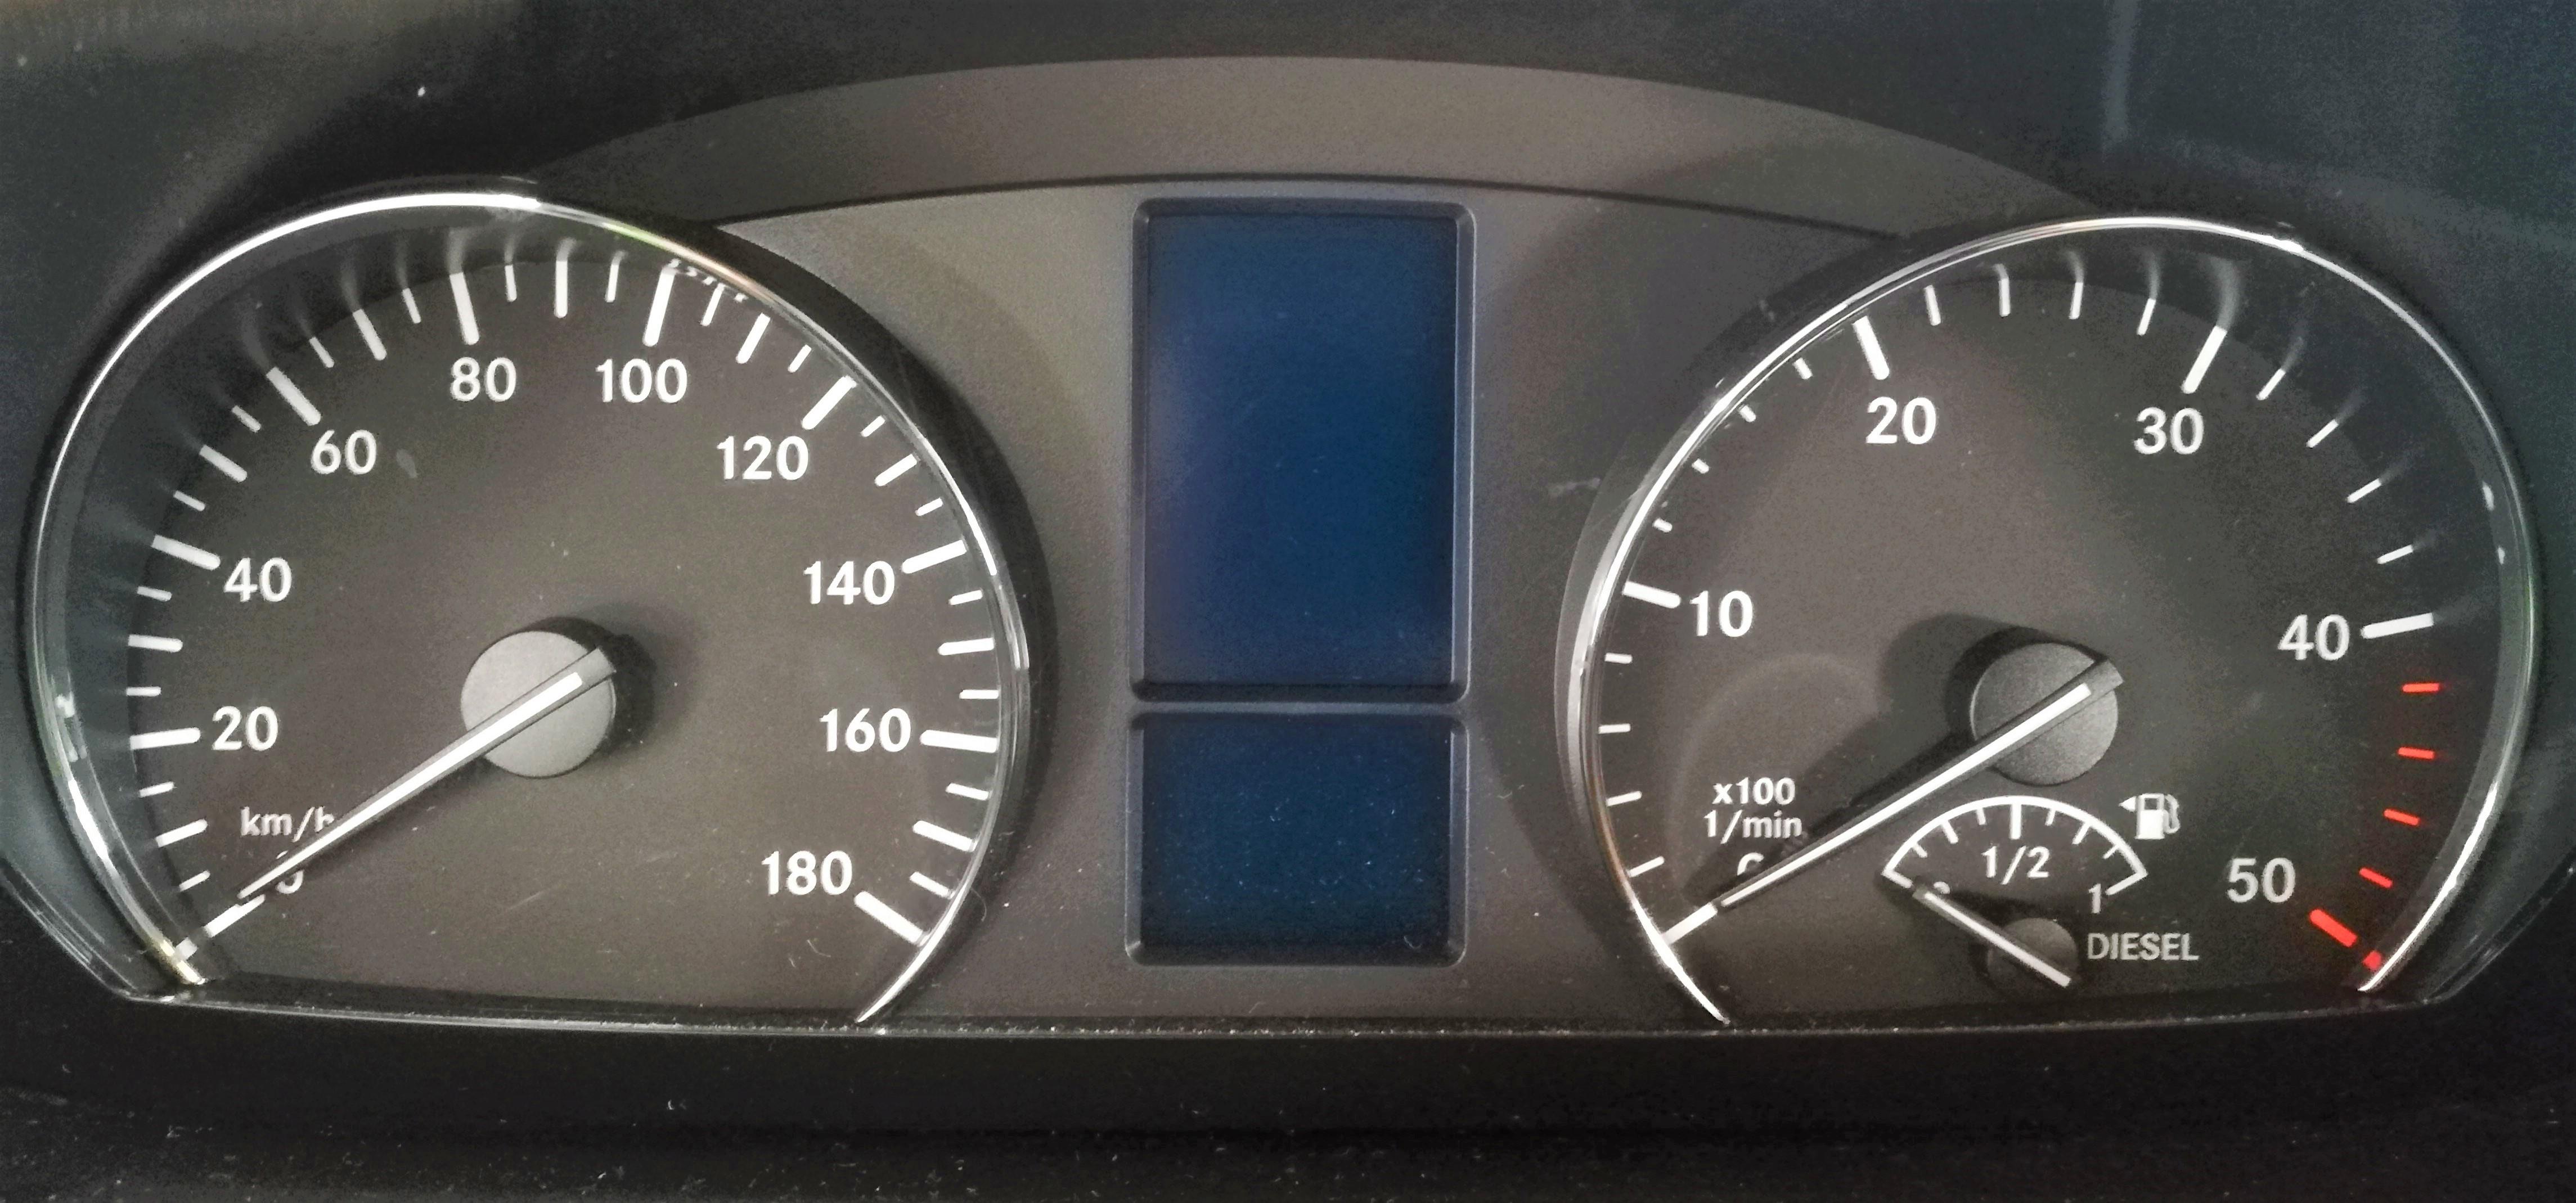 MB Sprinter 906 907 Leistungsteigerung Leistungsoptimierung MOTOROPTIMIERUNG BEI EINEM 4-ZYLINDER MOTOR V6 MOTOR TACHOCODIERUNG